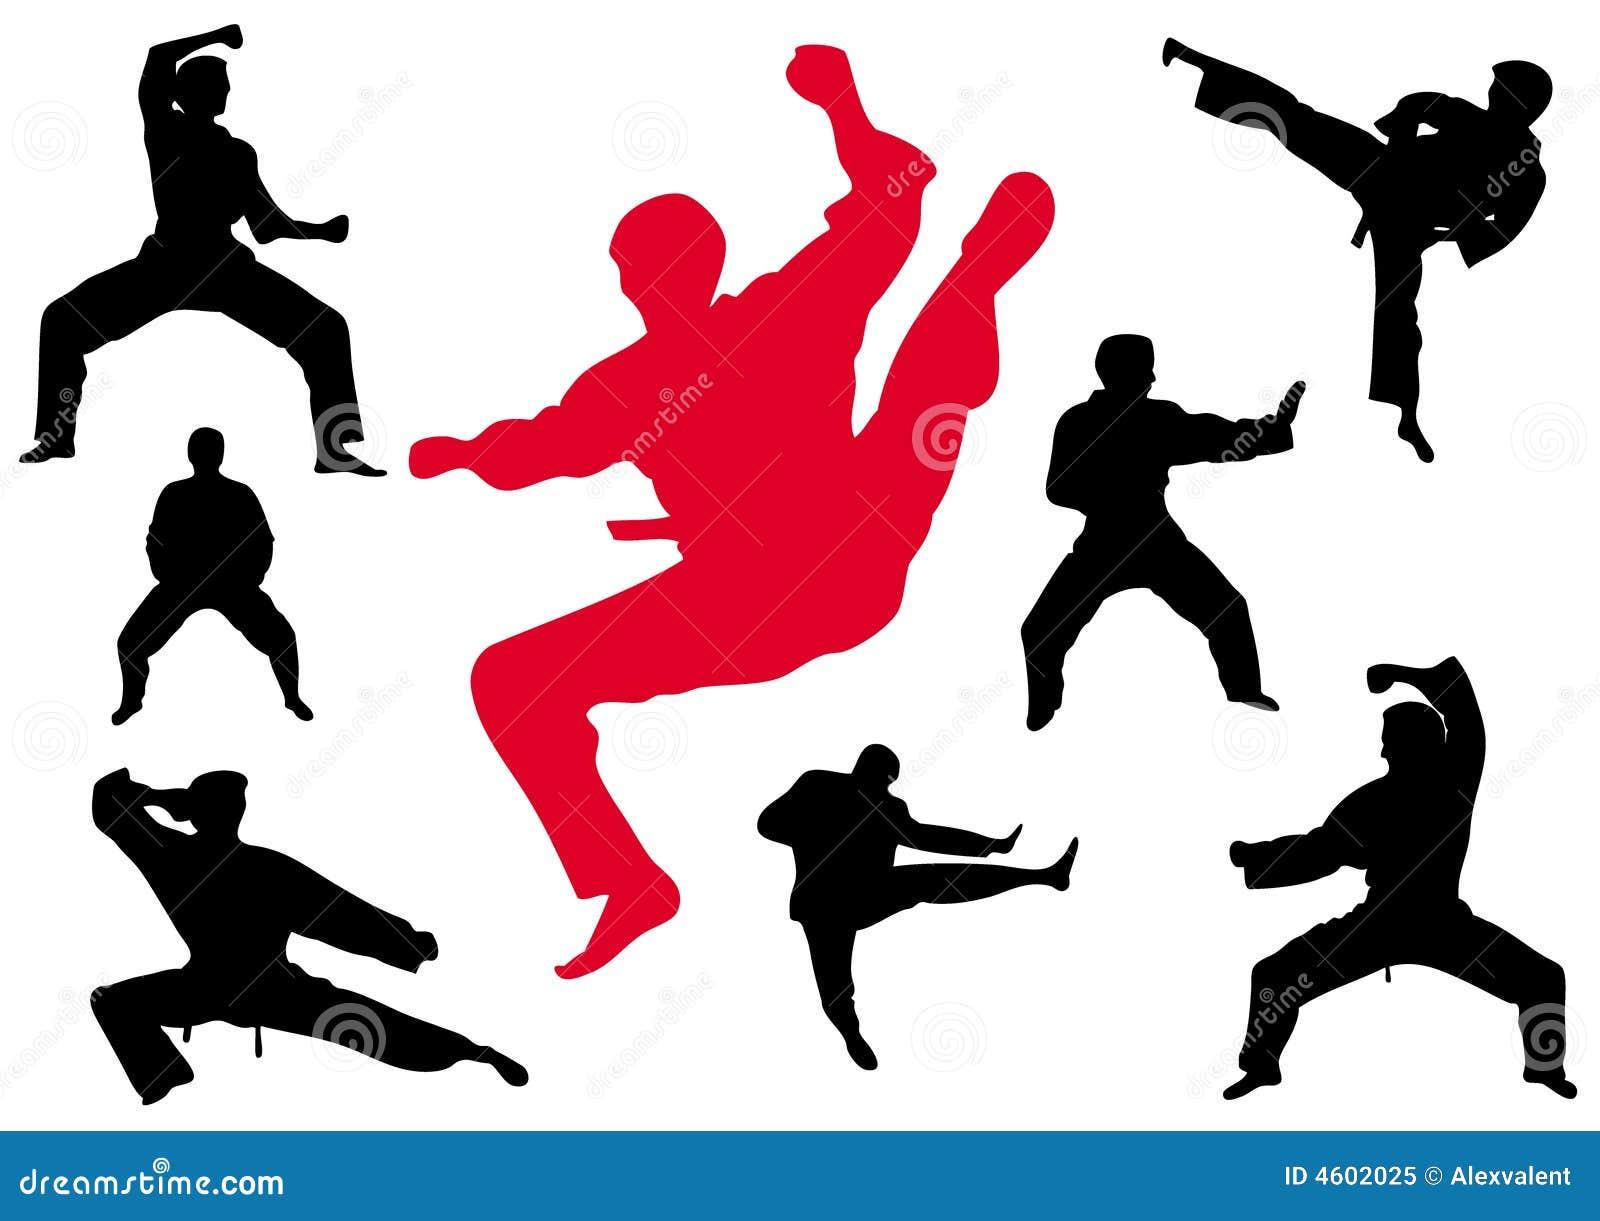 Karate Kungfu Royalty Free Stock Photo - Image: 4602025